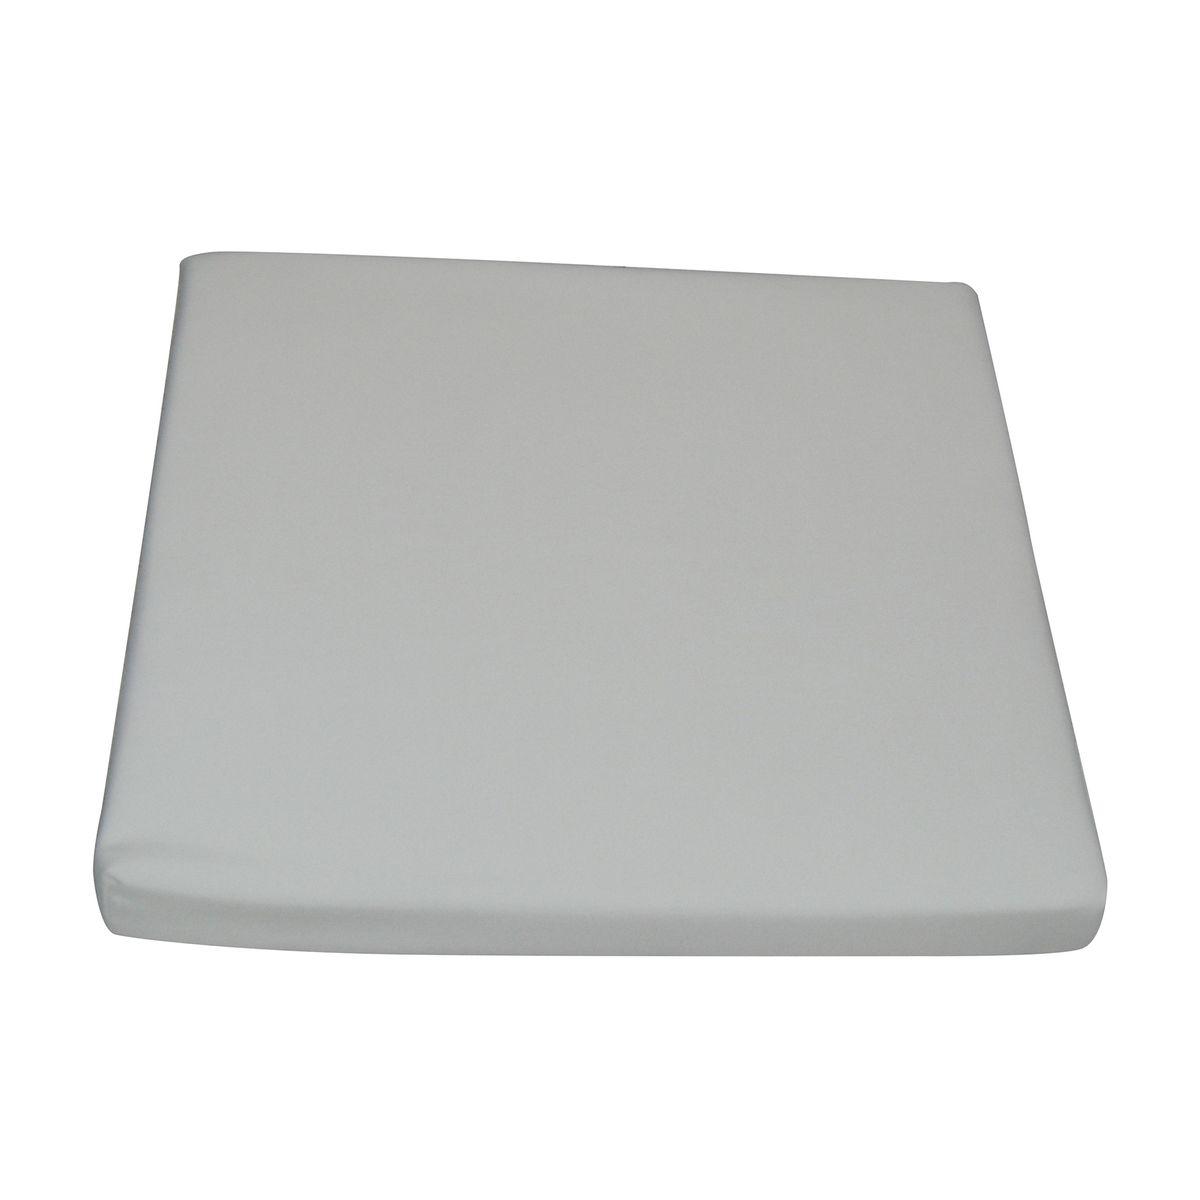 Ben noto Cuscino grigio 180 x 50 cm: prezzi e offerte online VR82